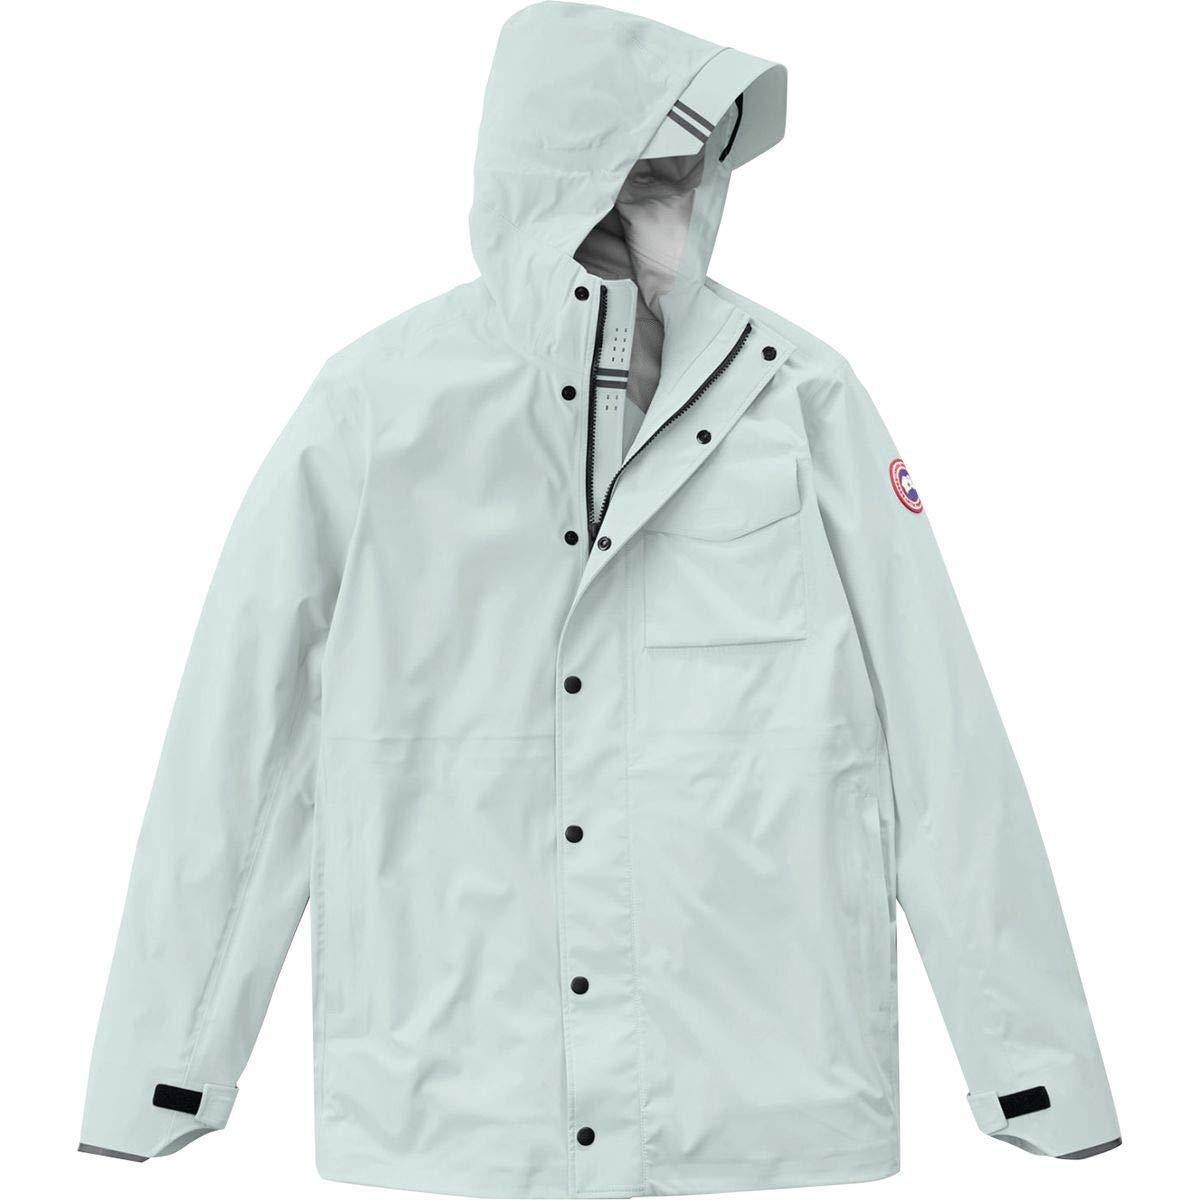 [カナダグース] メンズ ジャケット&ブルゾン Nanaimo Jacket [並行輸入品] B07QRSSLYT Jacket B07QRSSLYT Nanaimo XL, FoRady:ac501585 --- gallery-rugdoll.com